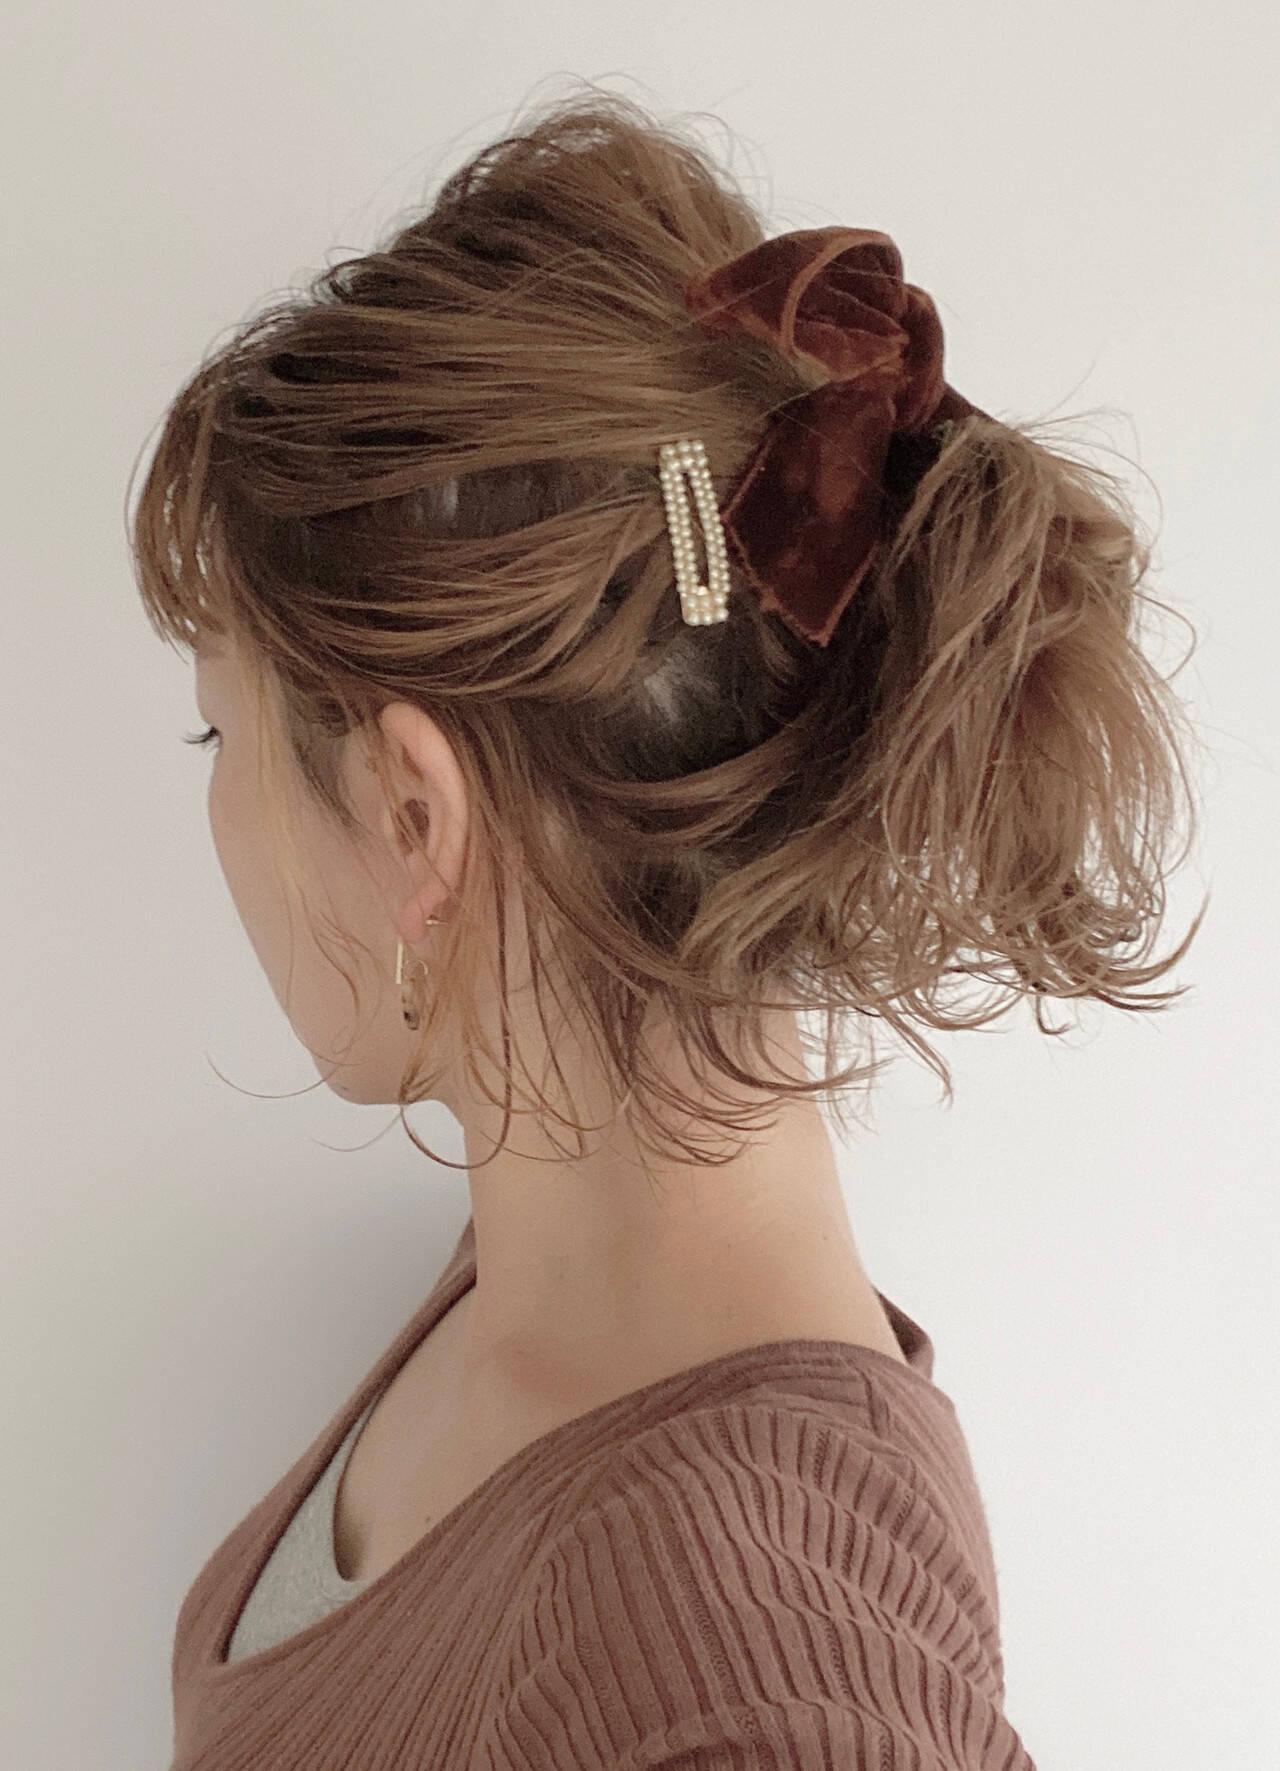 ヘアアレンジ ポニーテール ナチュラル ボブヘアスタイルや髪型の写真・画像